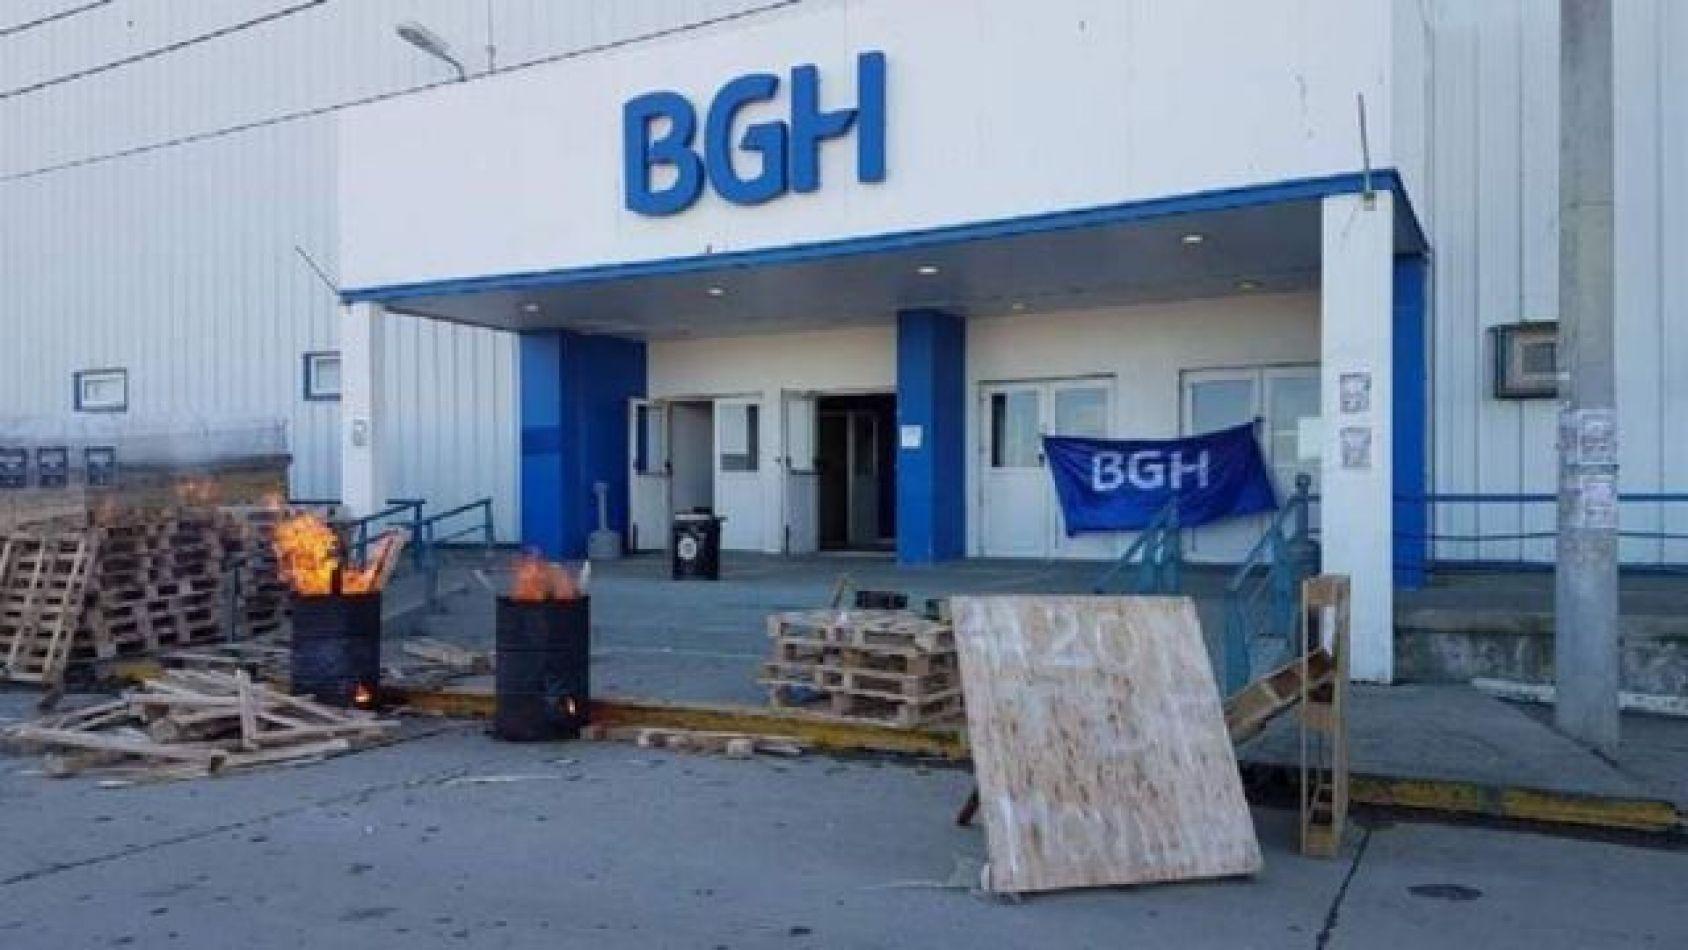 BGH normalizó su actividad en Tierra del Fuego